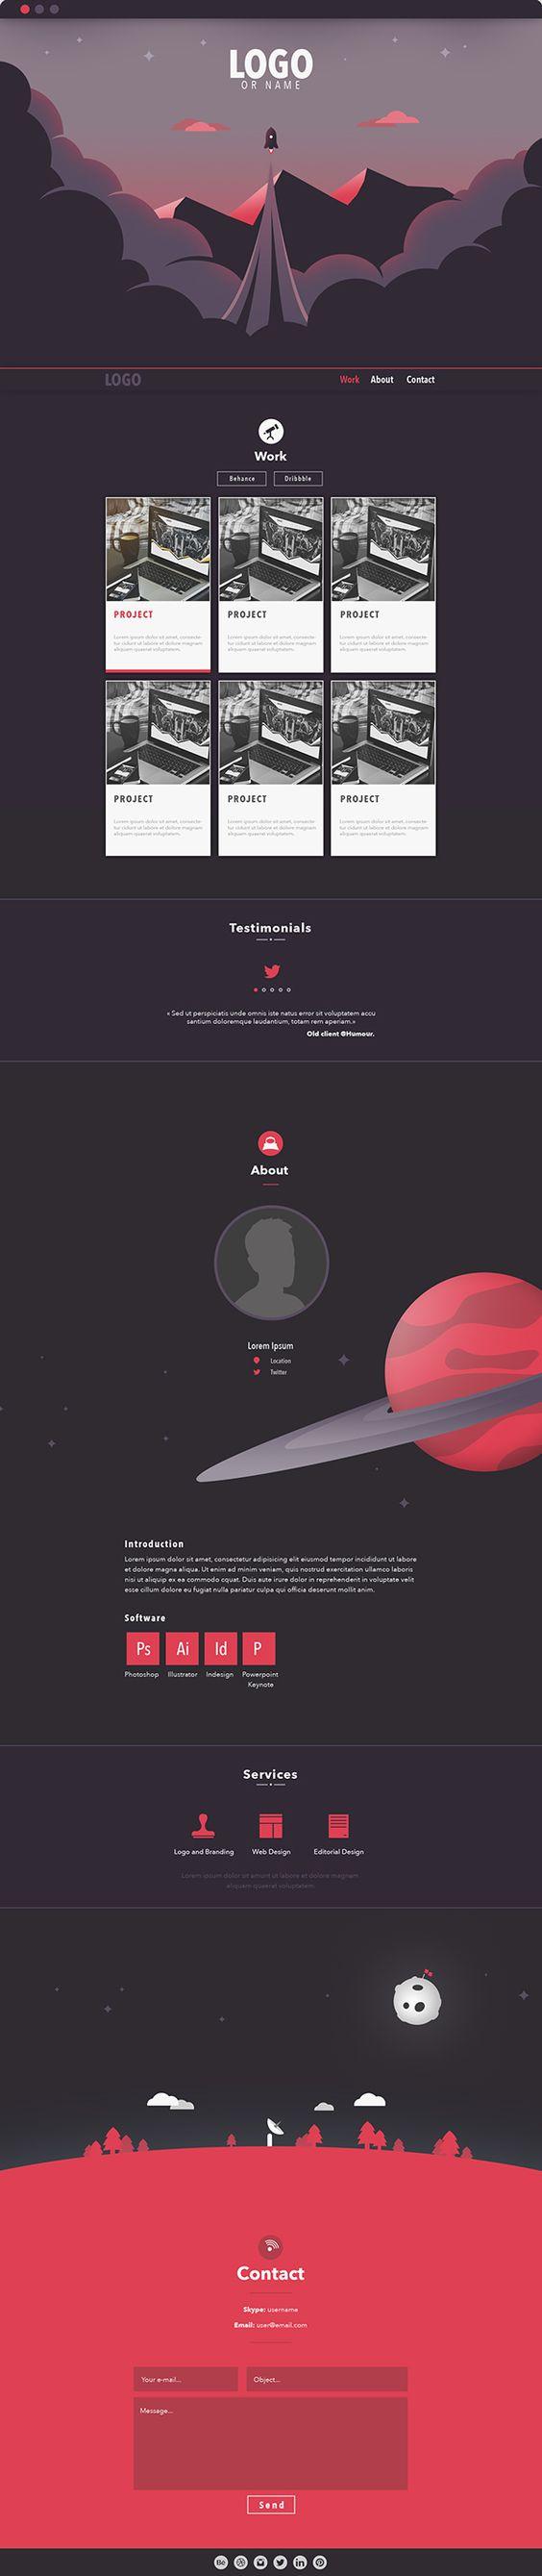 Portfolio on Web Design Served